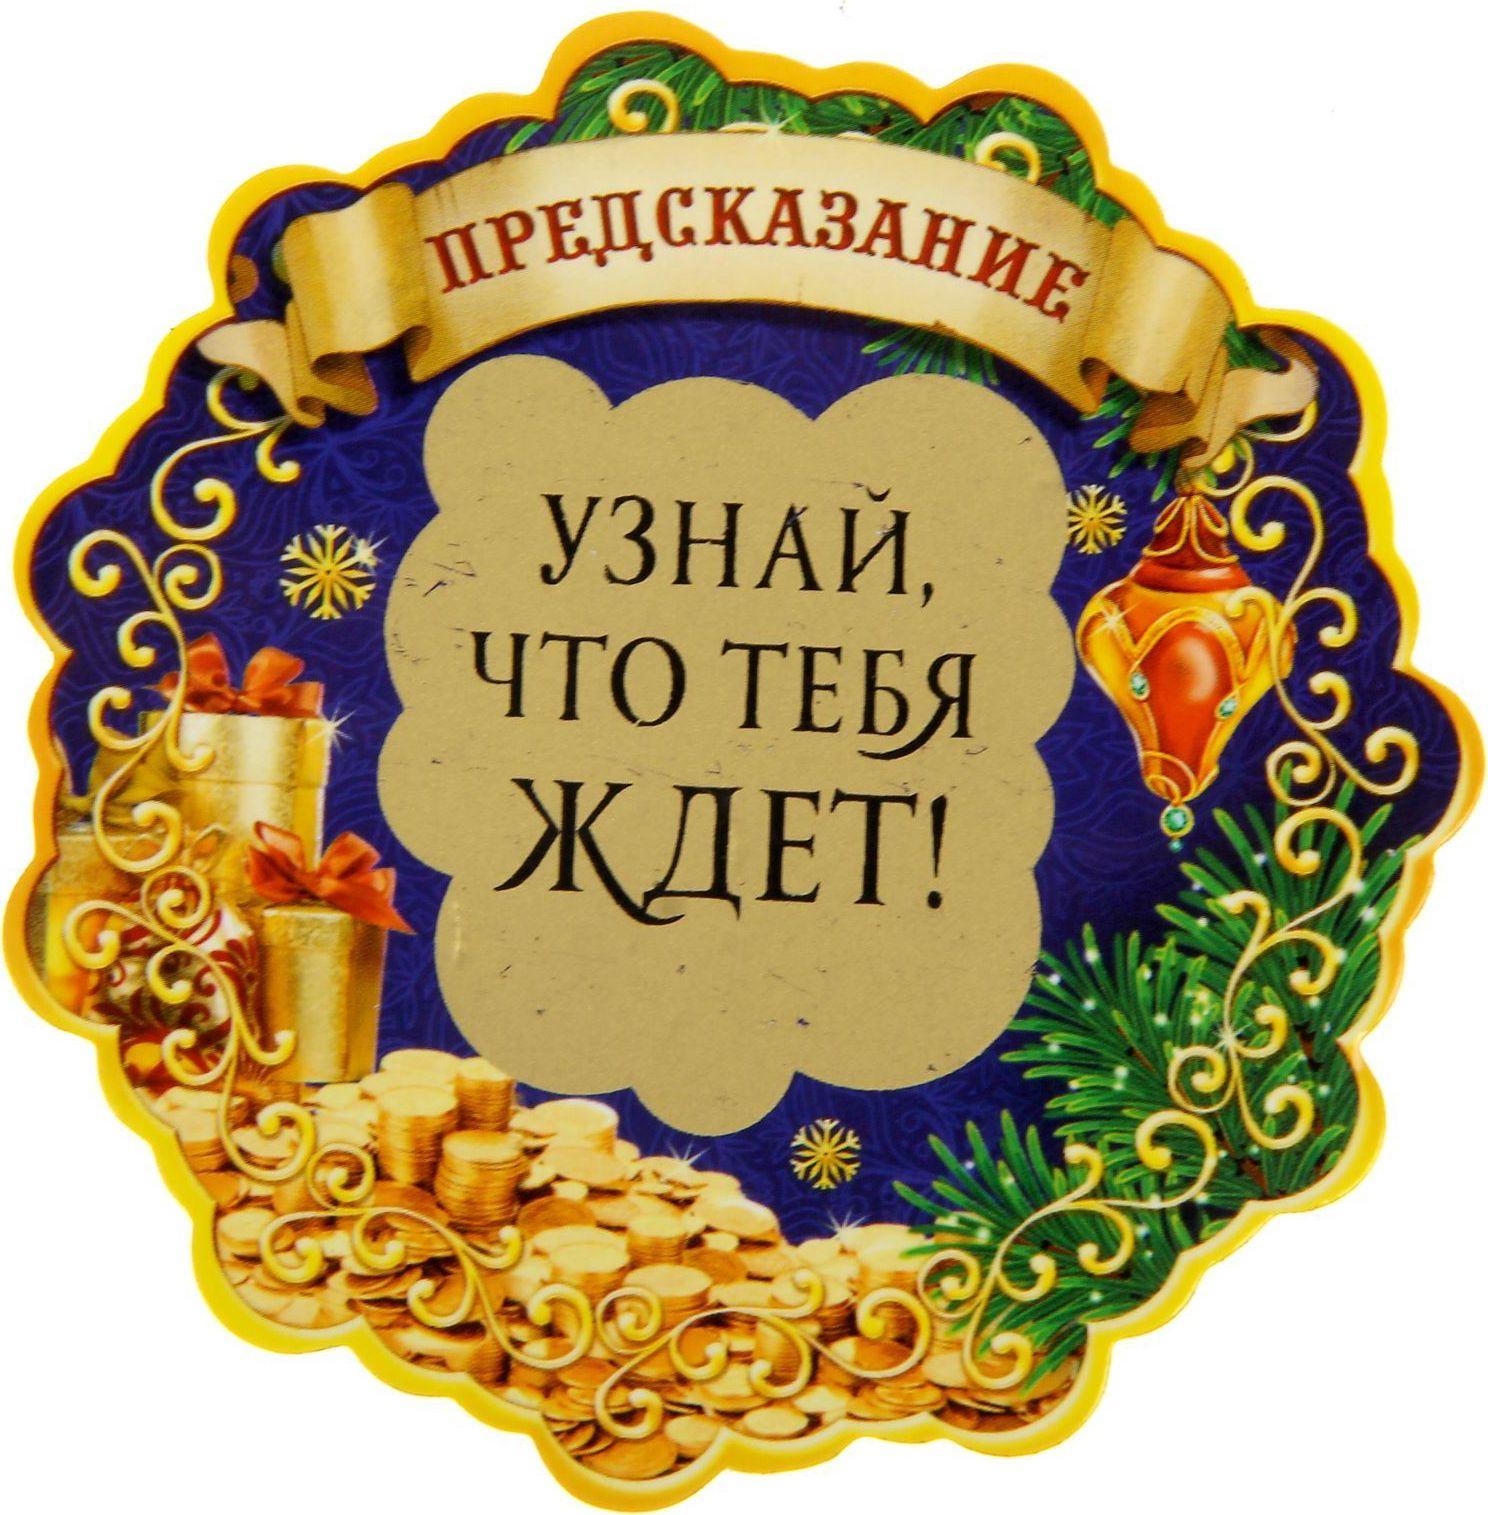 Магнит Sima-land Предсказание. Венок, со скретч-слоем, 8 х 8 см свеча ароматизированная sima land лимон на подставке высота 6 см